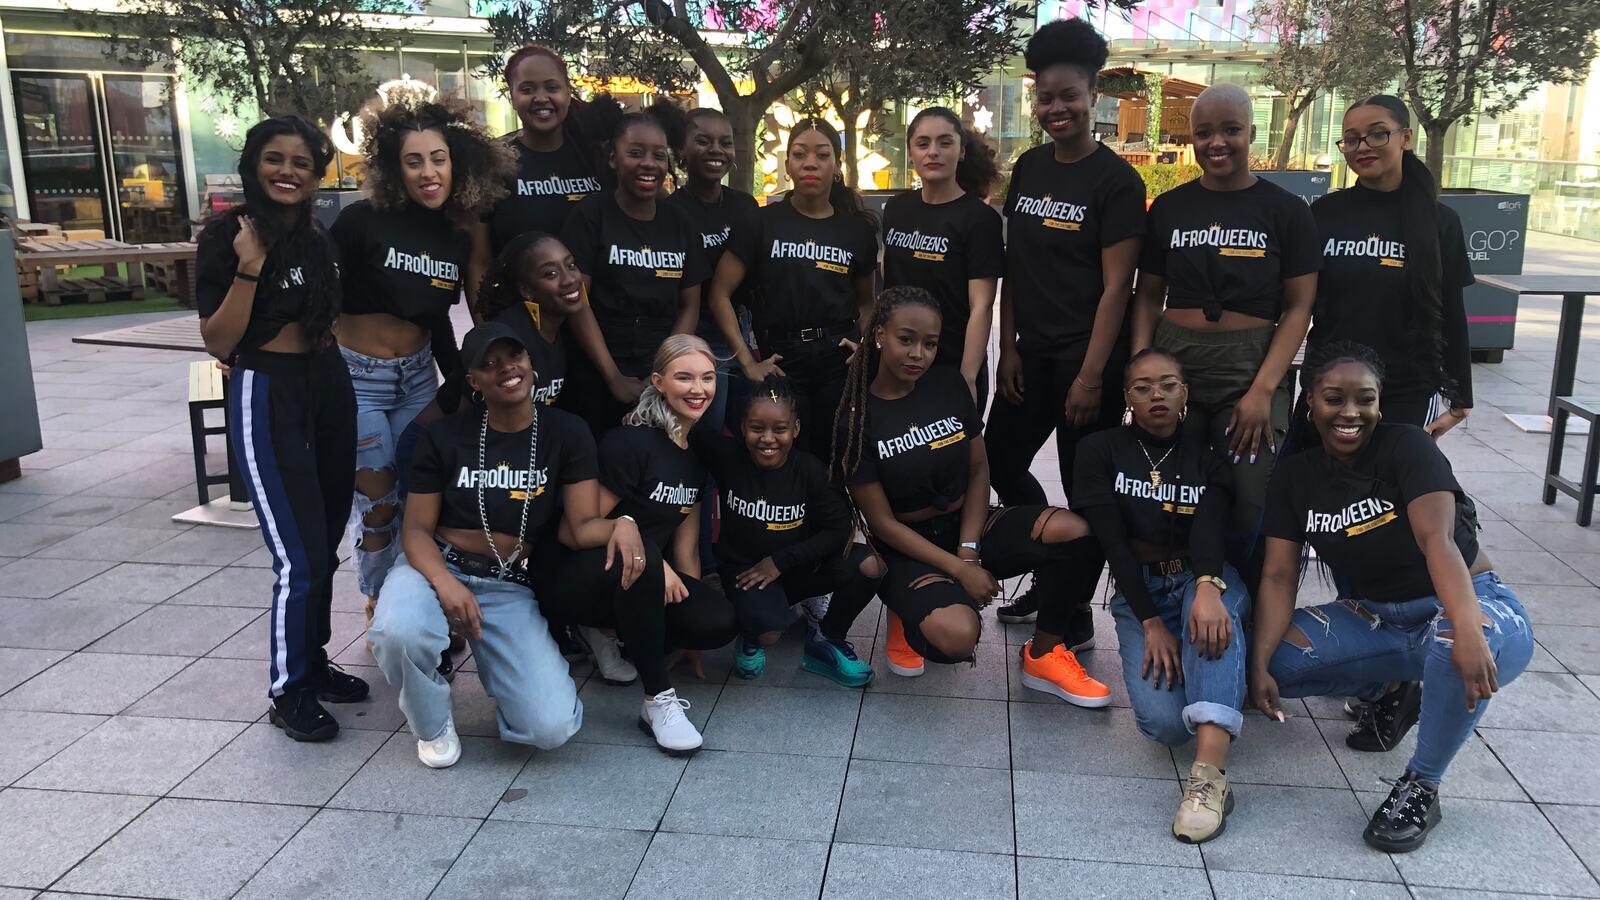 Afroqueens Dancers